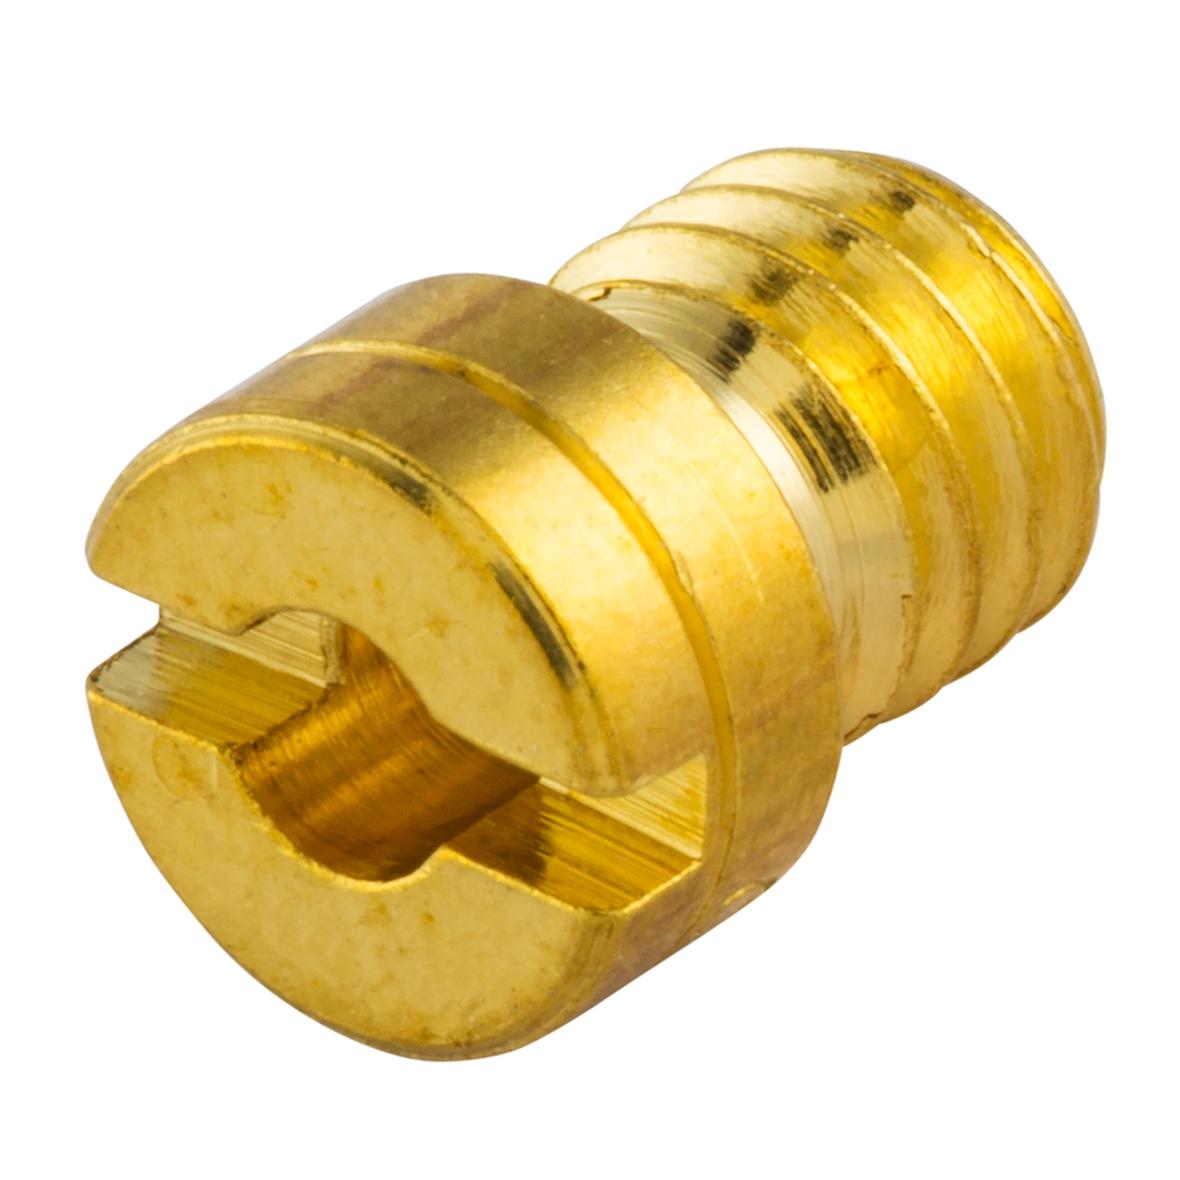 Produktbild für 'Hauptdüse 92 Ø 5 mm'